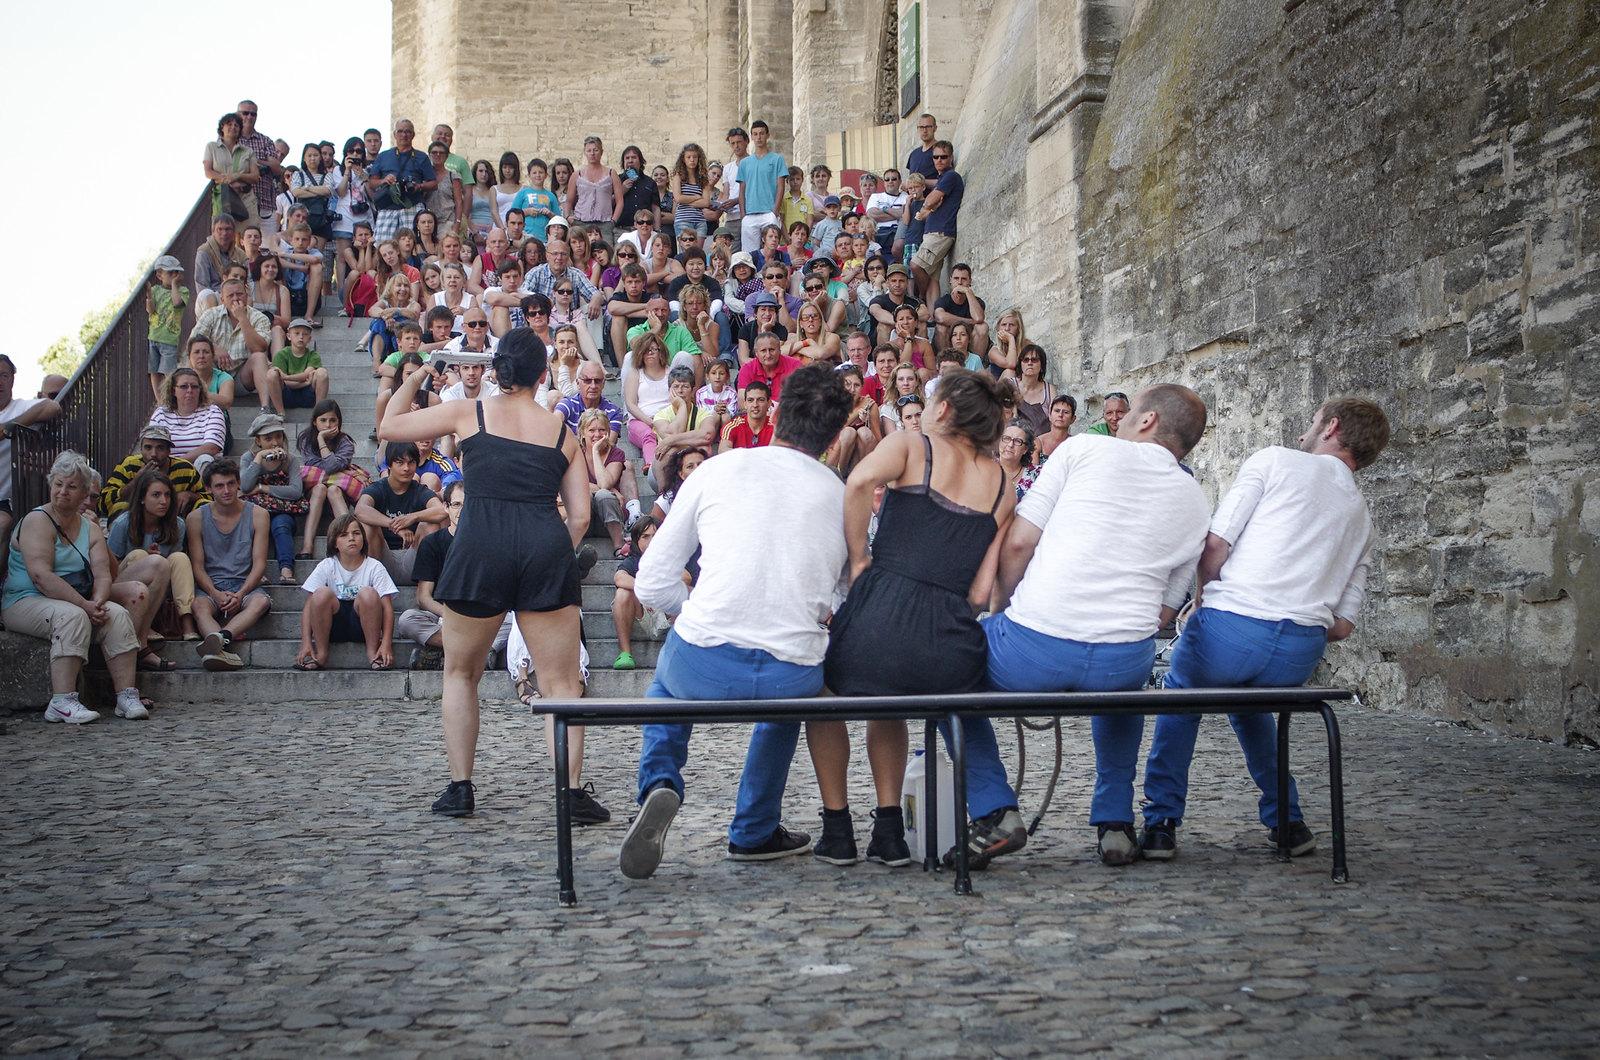 Festival d'Avignon - Place du palais des papes